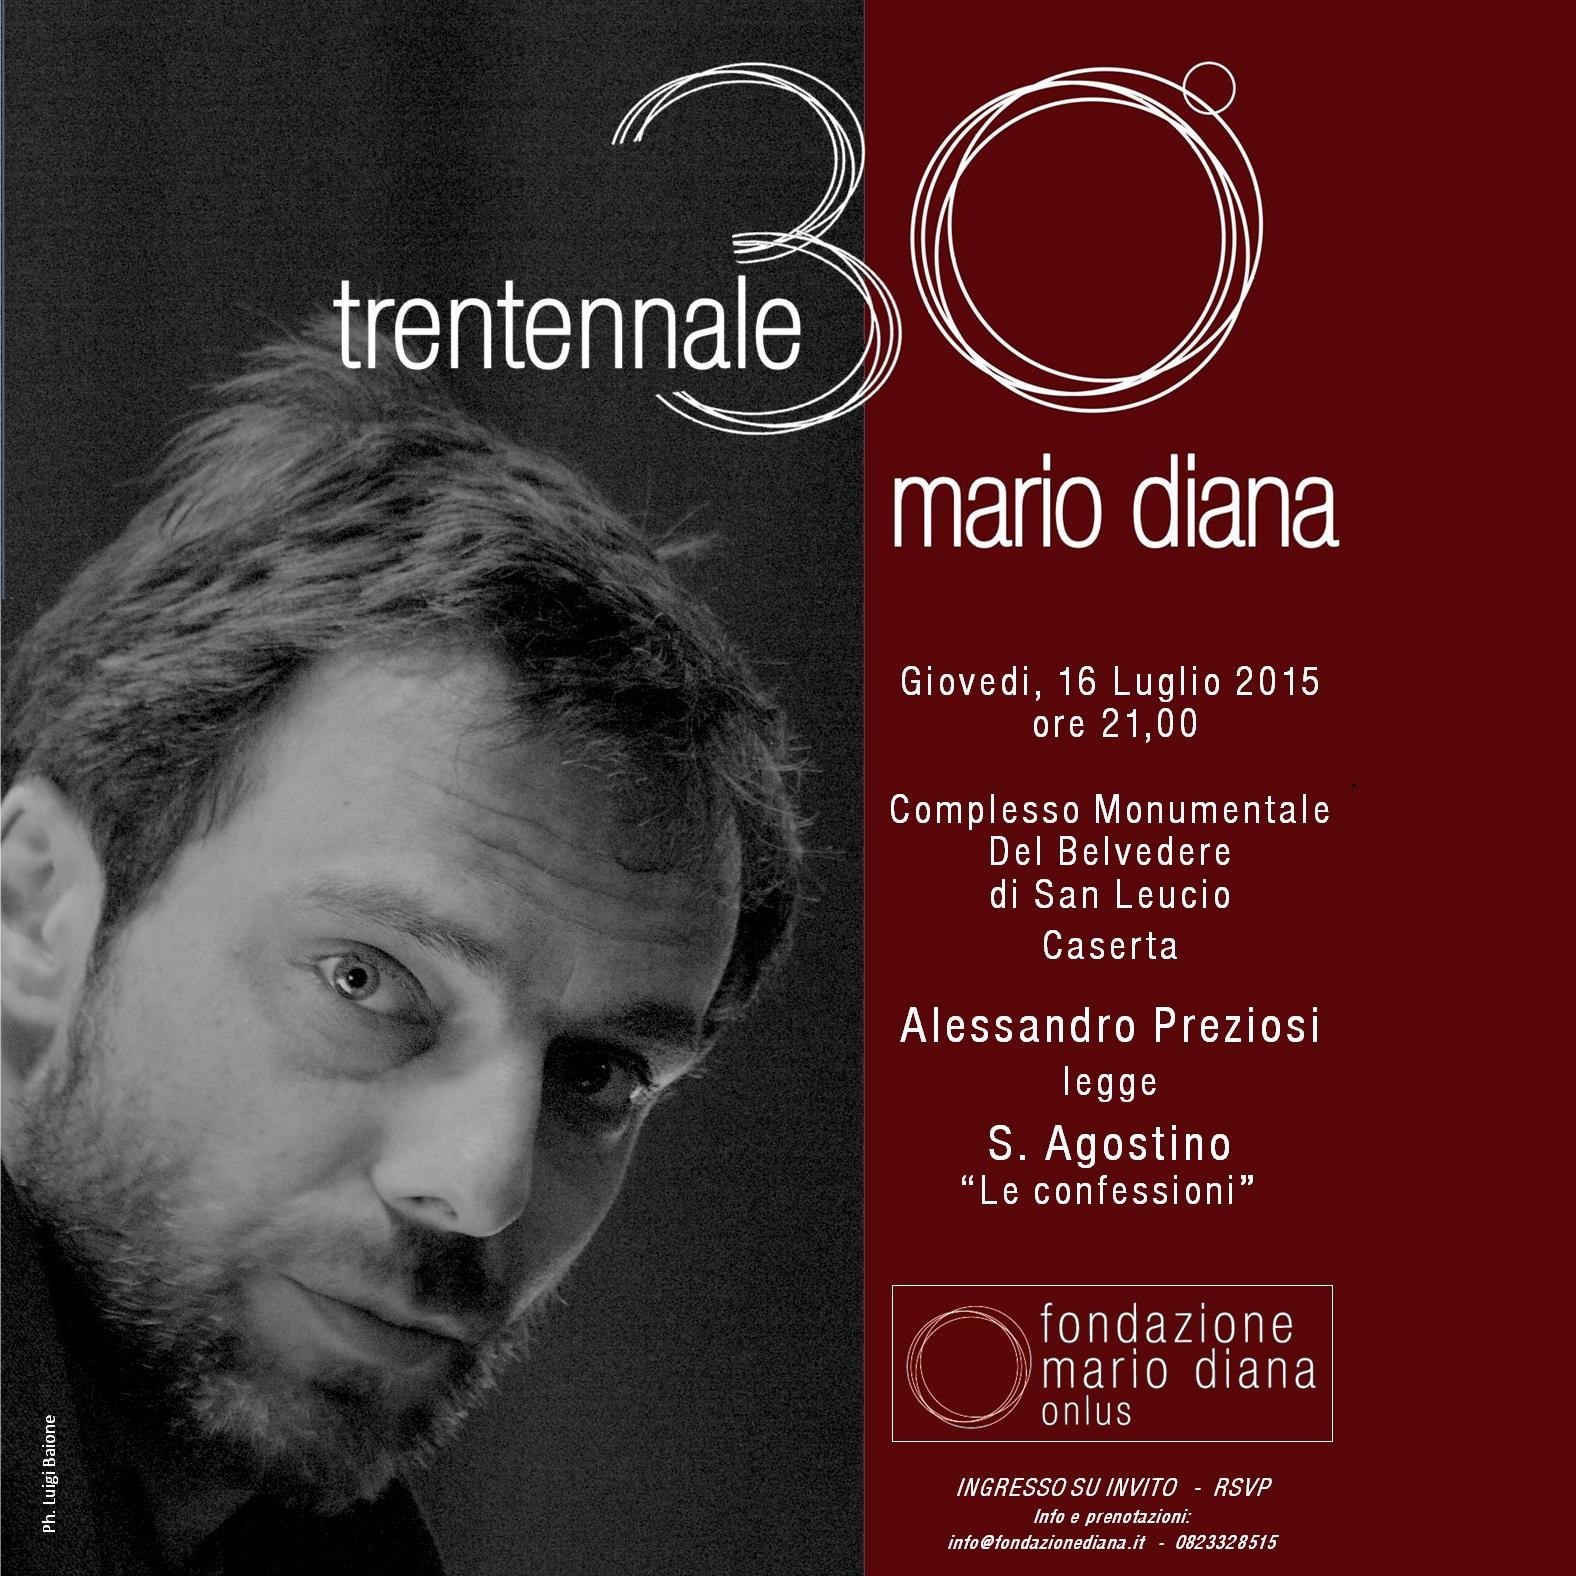 ant sito npr Alessandro Preziosi